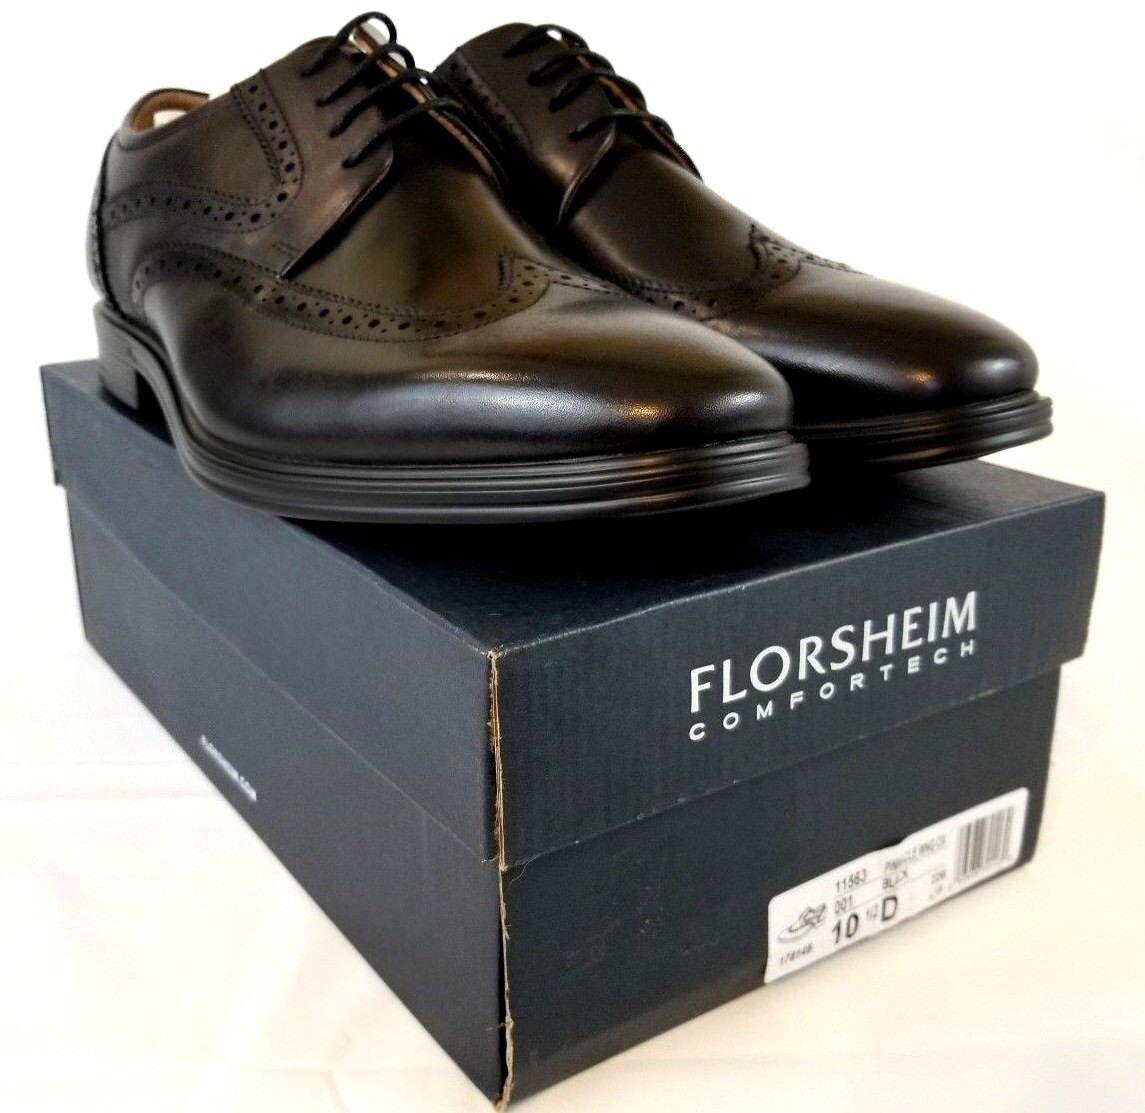 Florsheim Hombre Cuero Negro Pinnacle punta del ala Oxford Zapatos US 10.5 Z478